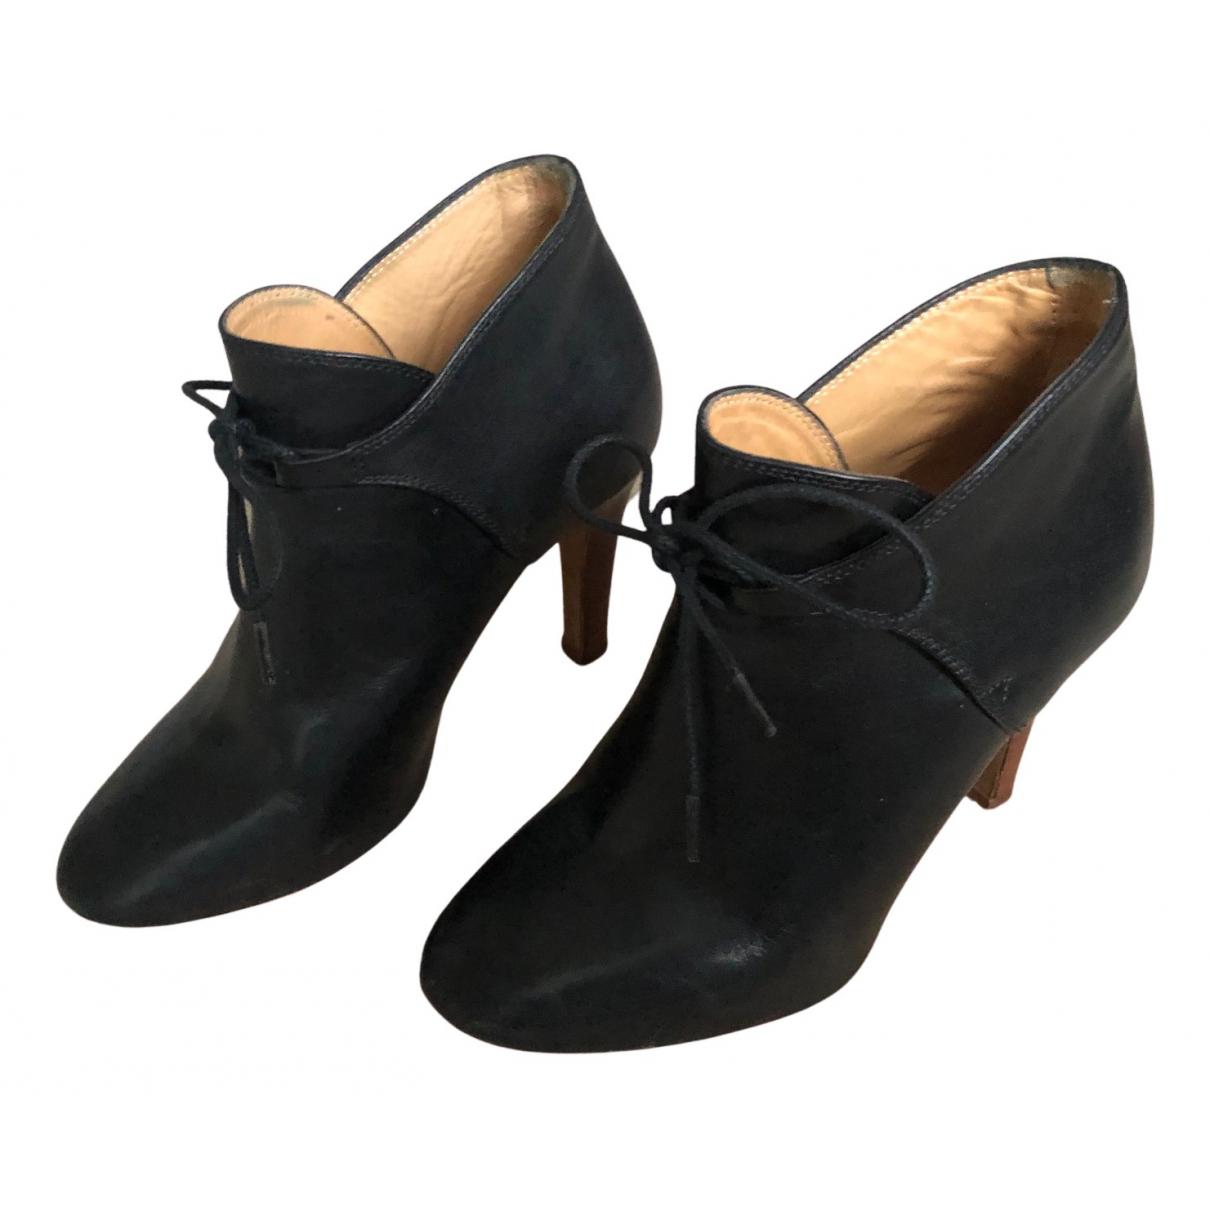 Sezane \N Stiefeletten in  Schwarz Leder